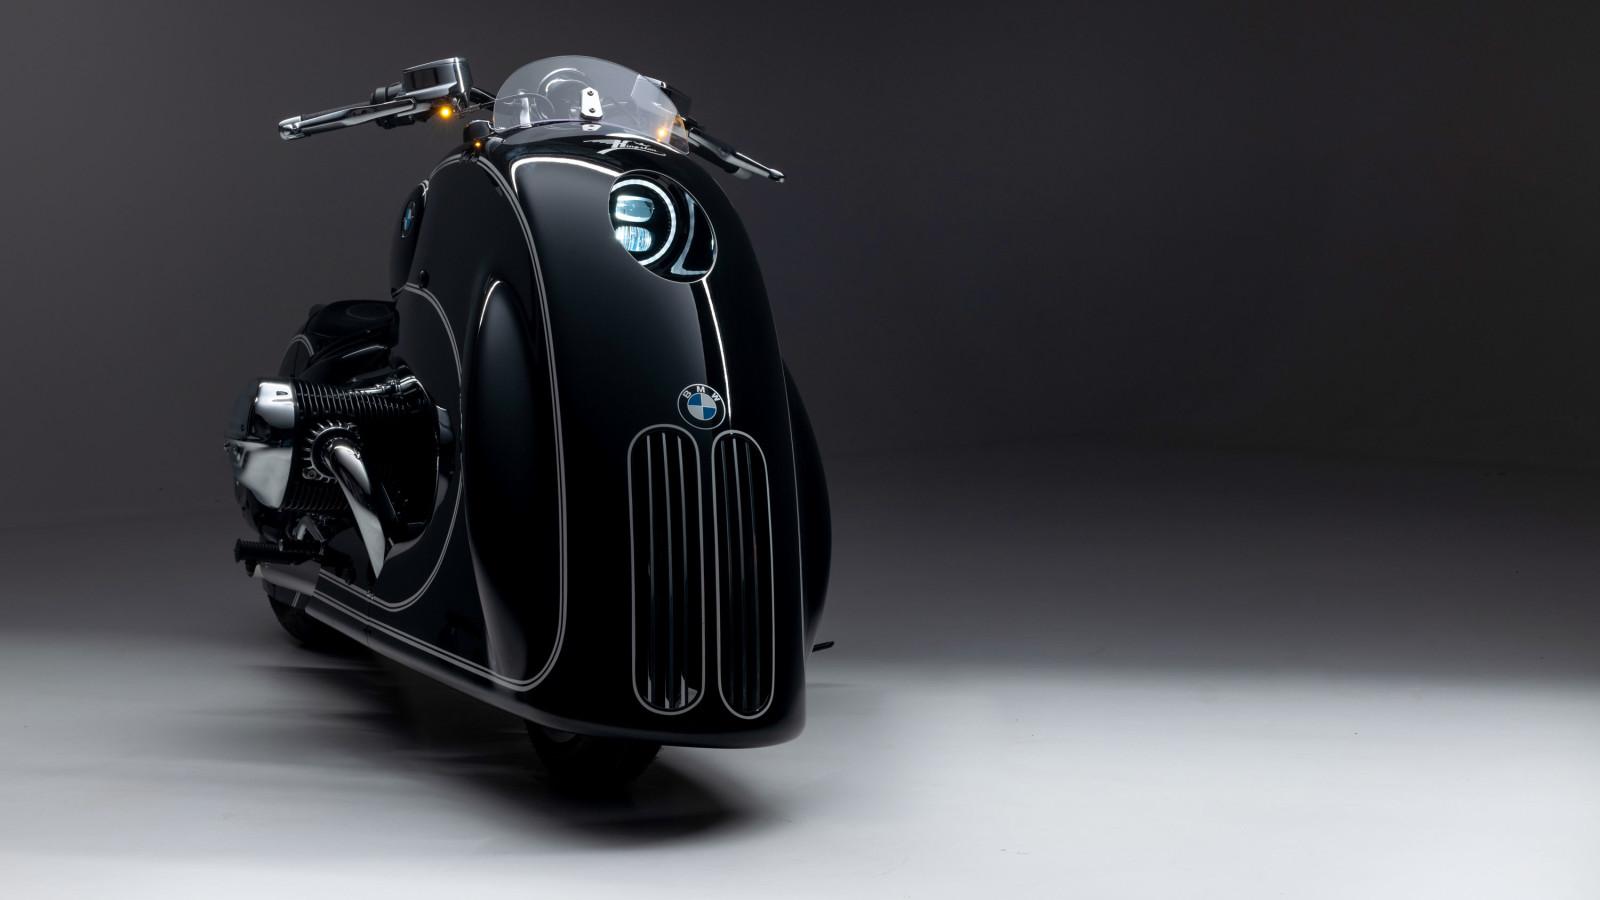 """Die BMW R18 """"Spirit of Passion"""" ist ein spektakulär umgebautes Motorrad."""